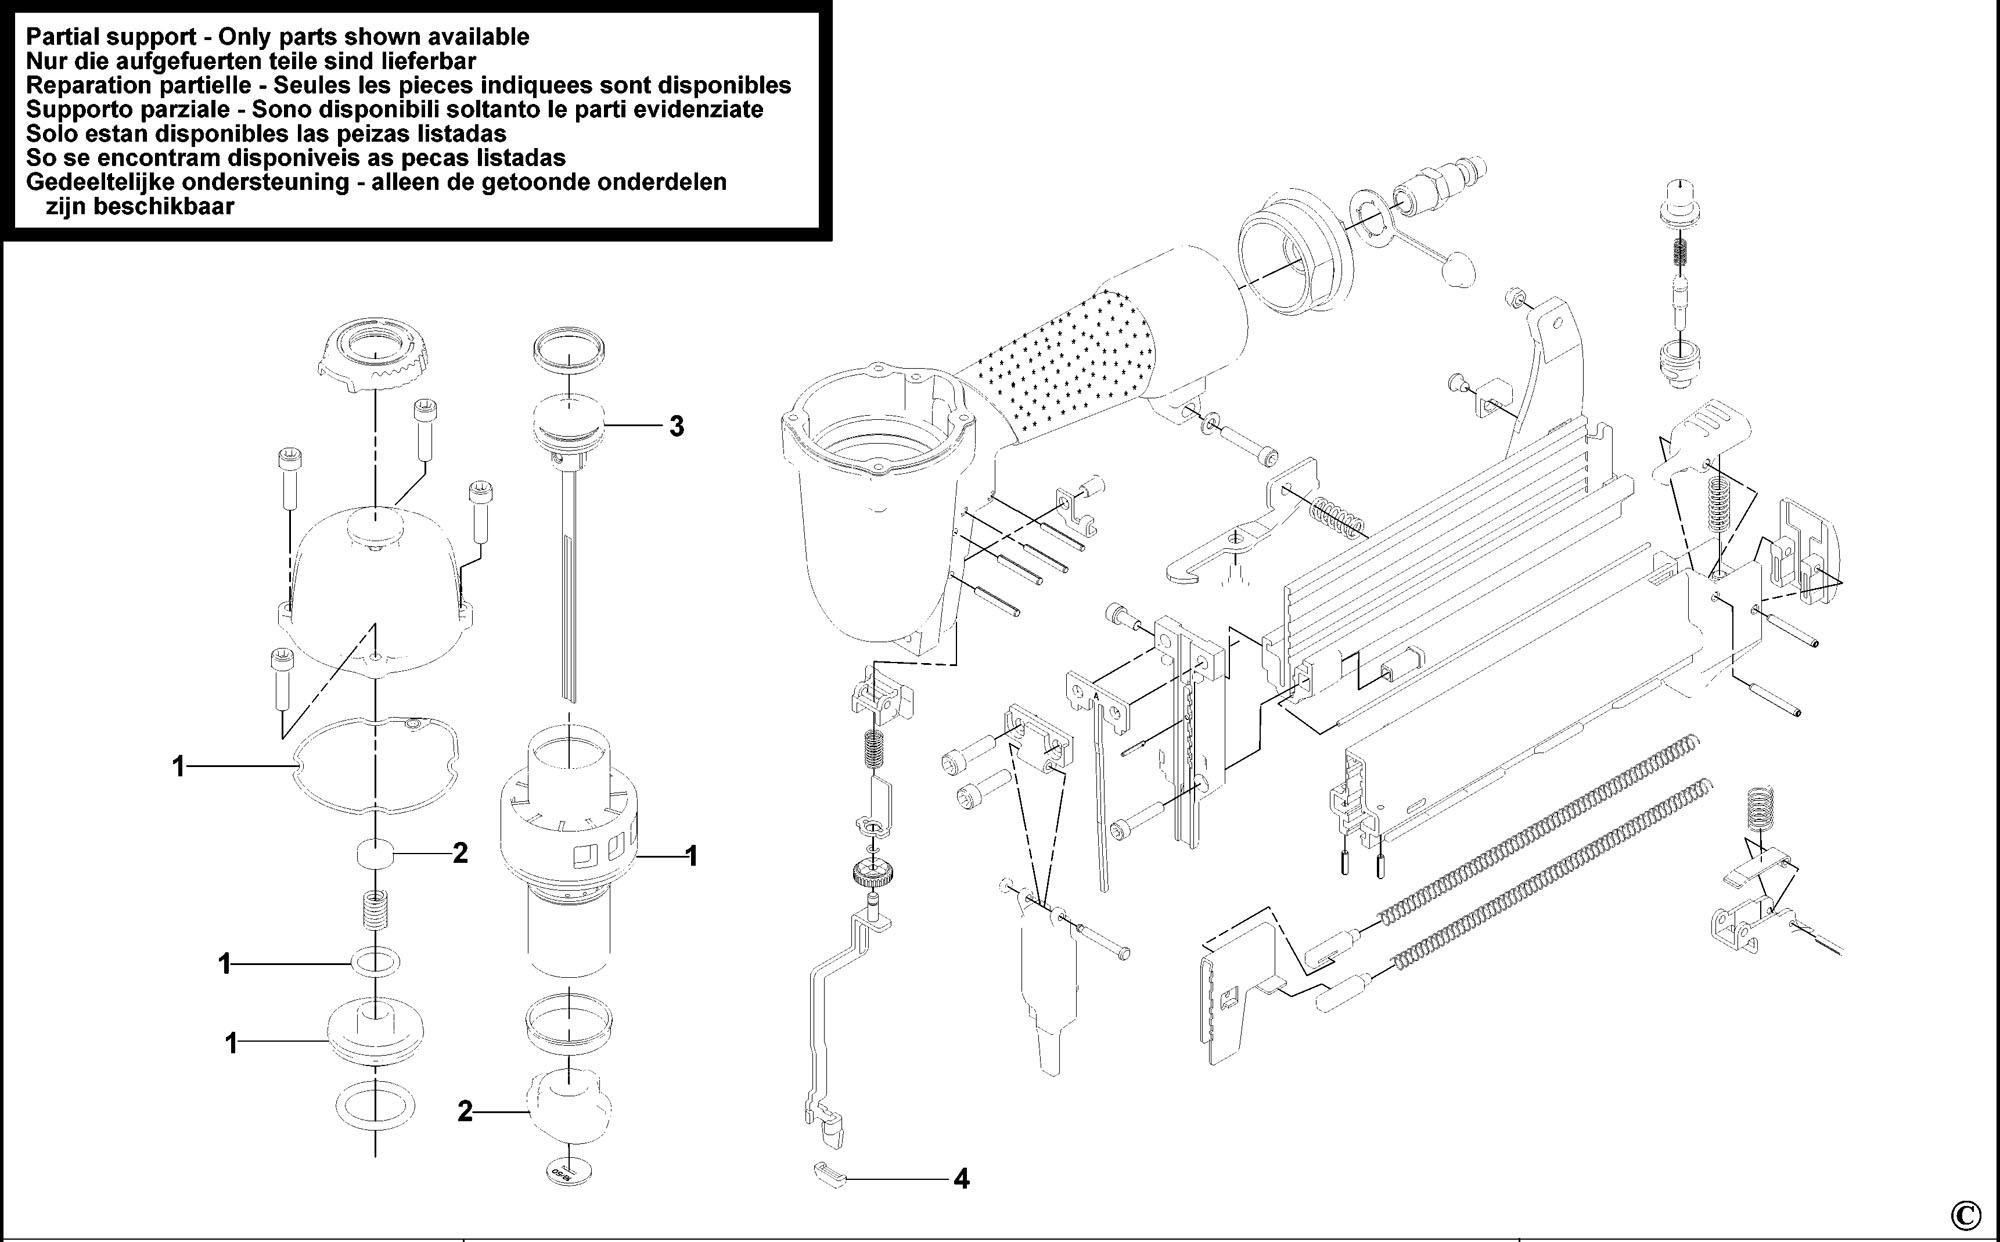 100+ Maglite Parts Breakdown – yasminroohi on sharp schematic, winchester schematic, apple schematic,